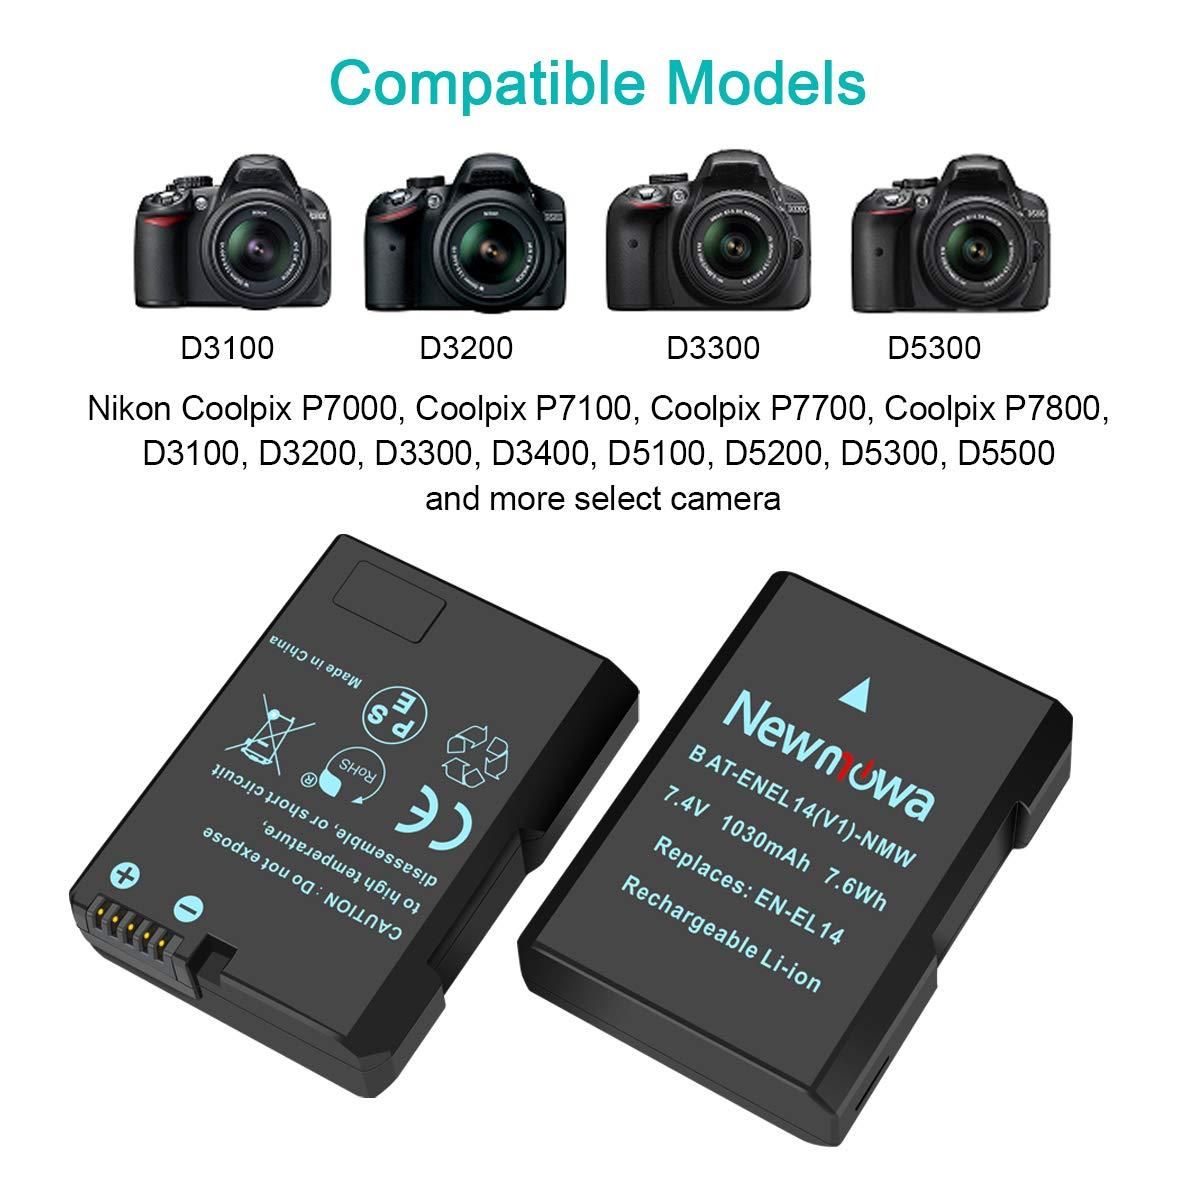 e caricabatterie Dual USB intelligente per Nikon EN-EL14 EN-EL14a Nikon D3100 D3200 D3300 D3400 D3500 D5100 D5200 D5300 D5500 D5600 P7000 P7100 P7700 P7800 confezione da 2 Newmowa EN-EL14 Batteria